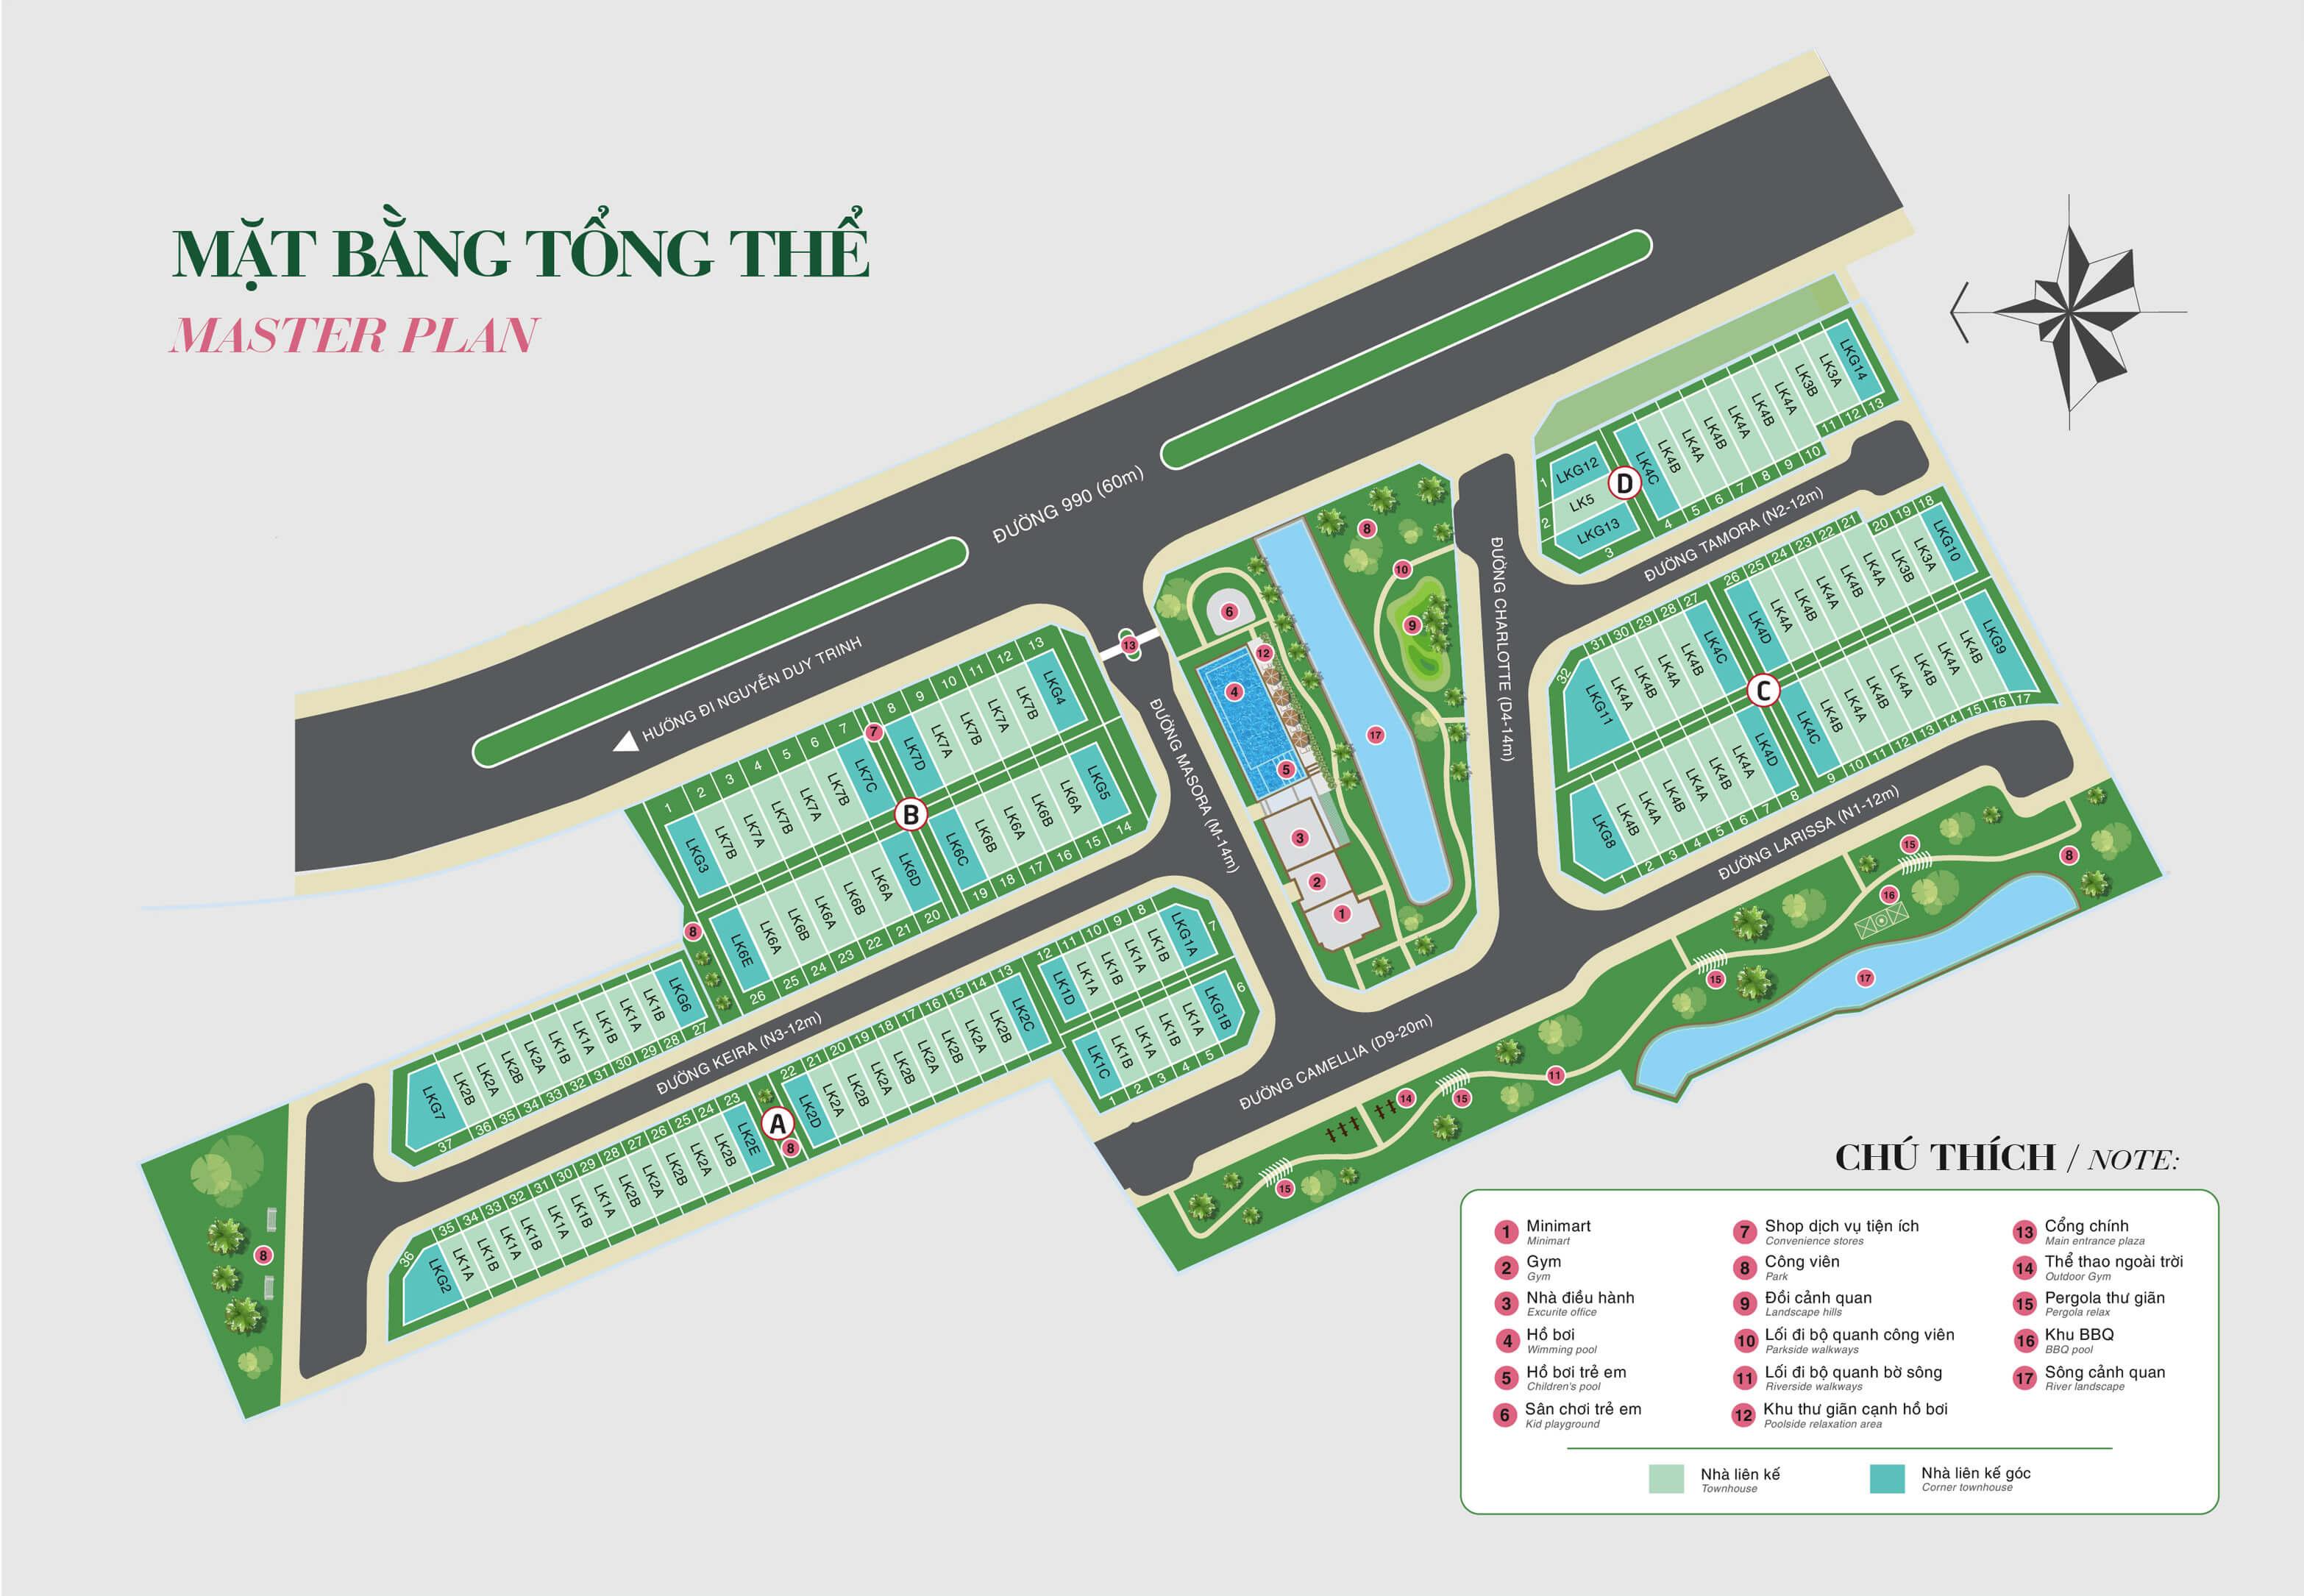 Mặt Băng Tổng thể Rosita garden Khang Điền